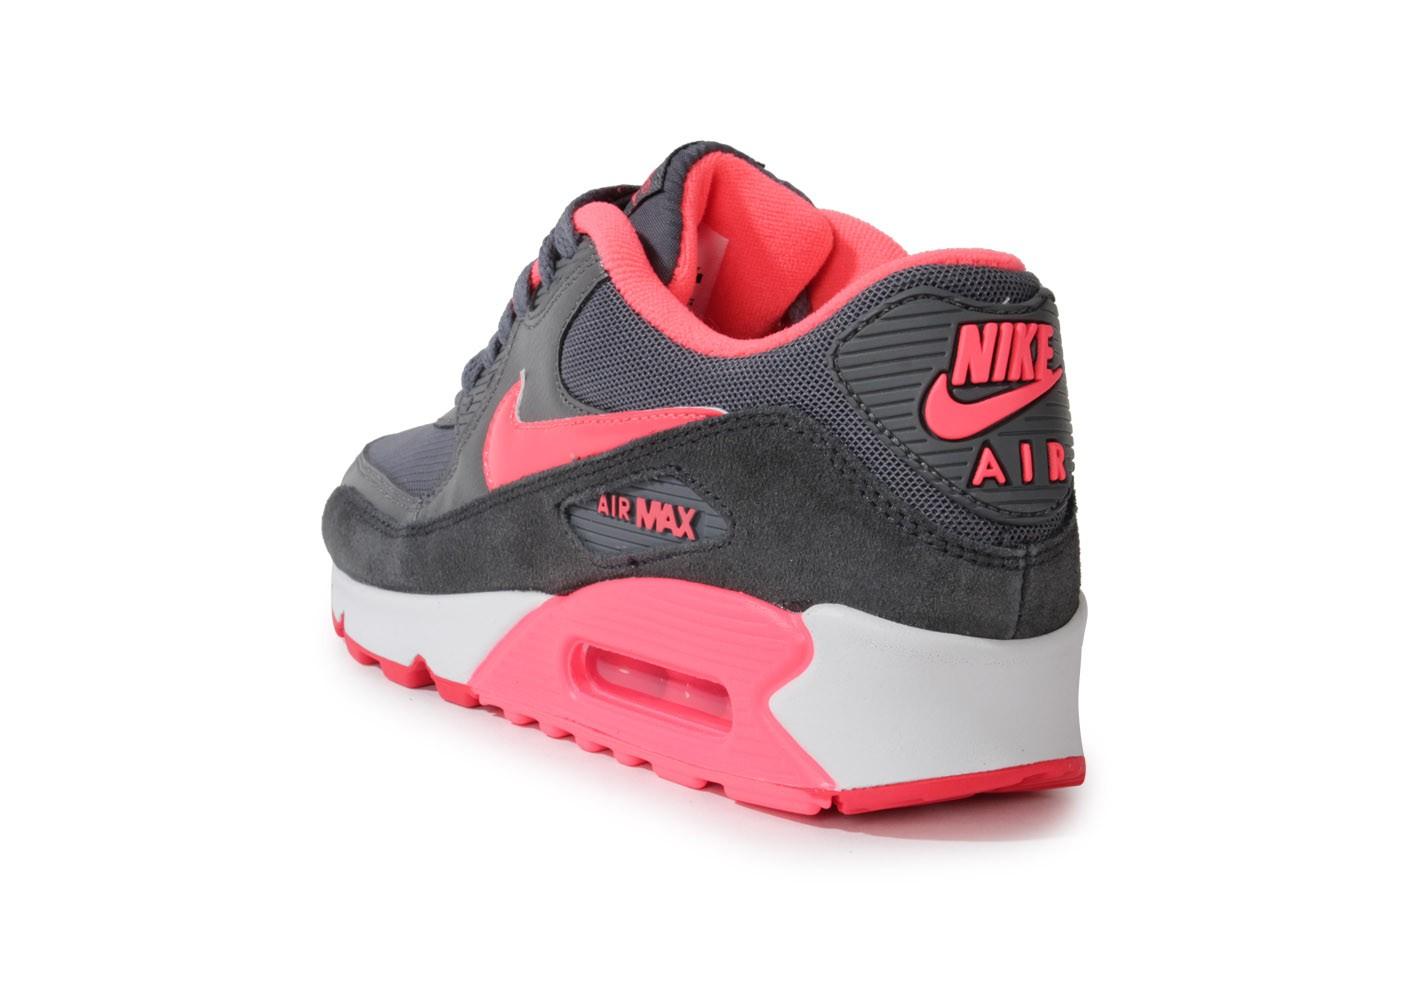 8b943435d33 Achat De ve Nike Air Max 90 Femme Rose Chaussures Pas Cher Alainhemet